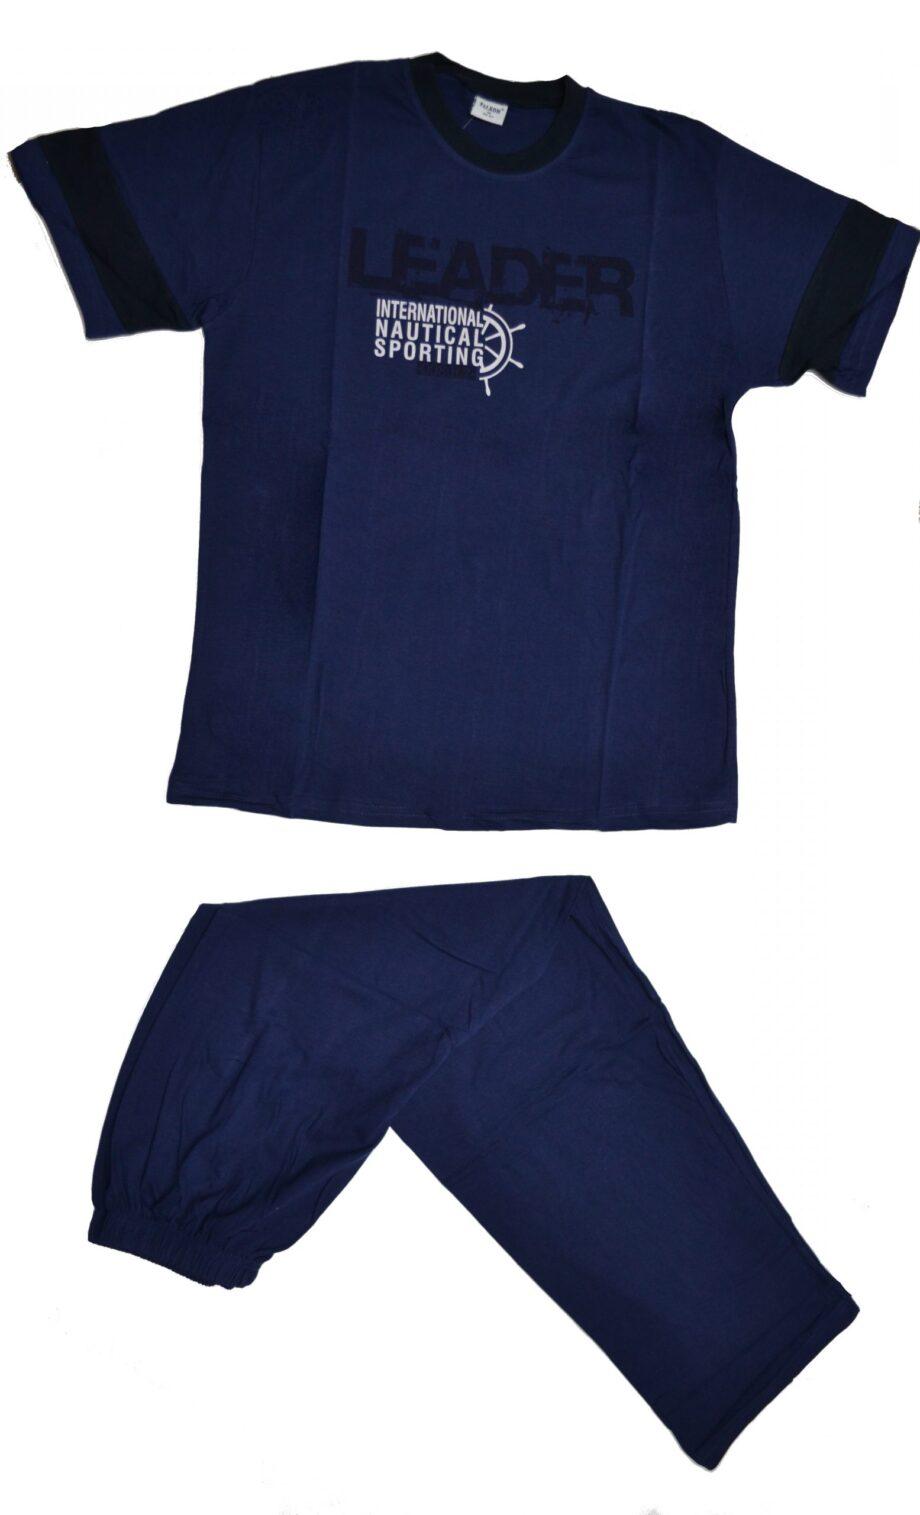 Ανδρική-πιτζάμα-leader-κοντομανικη-μπλε-scaled-1.jpg